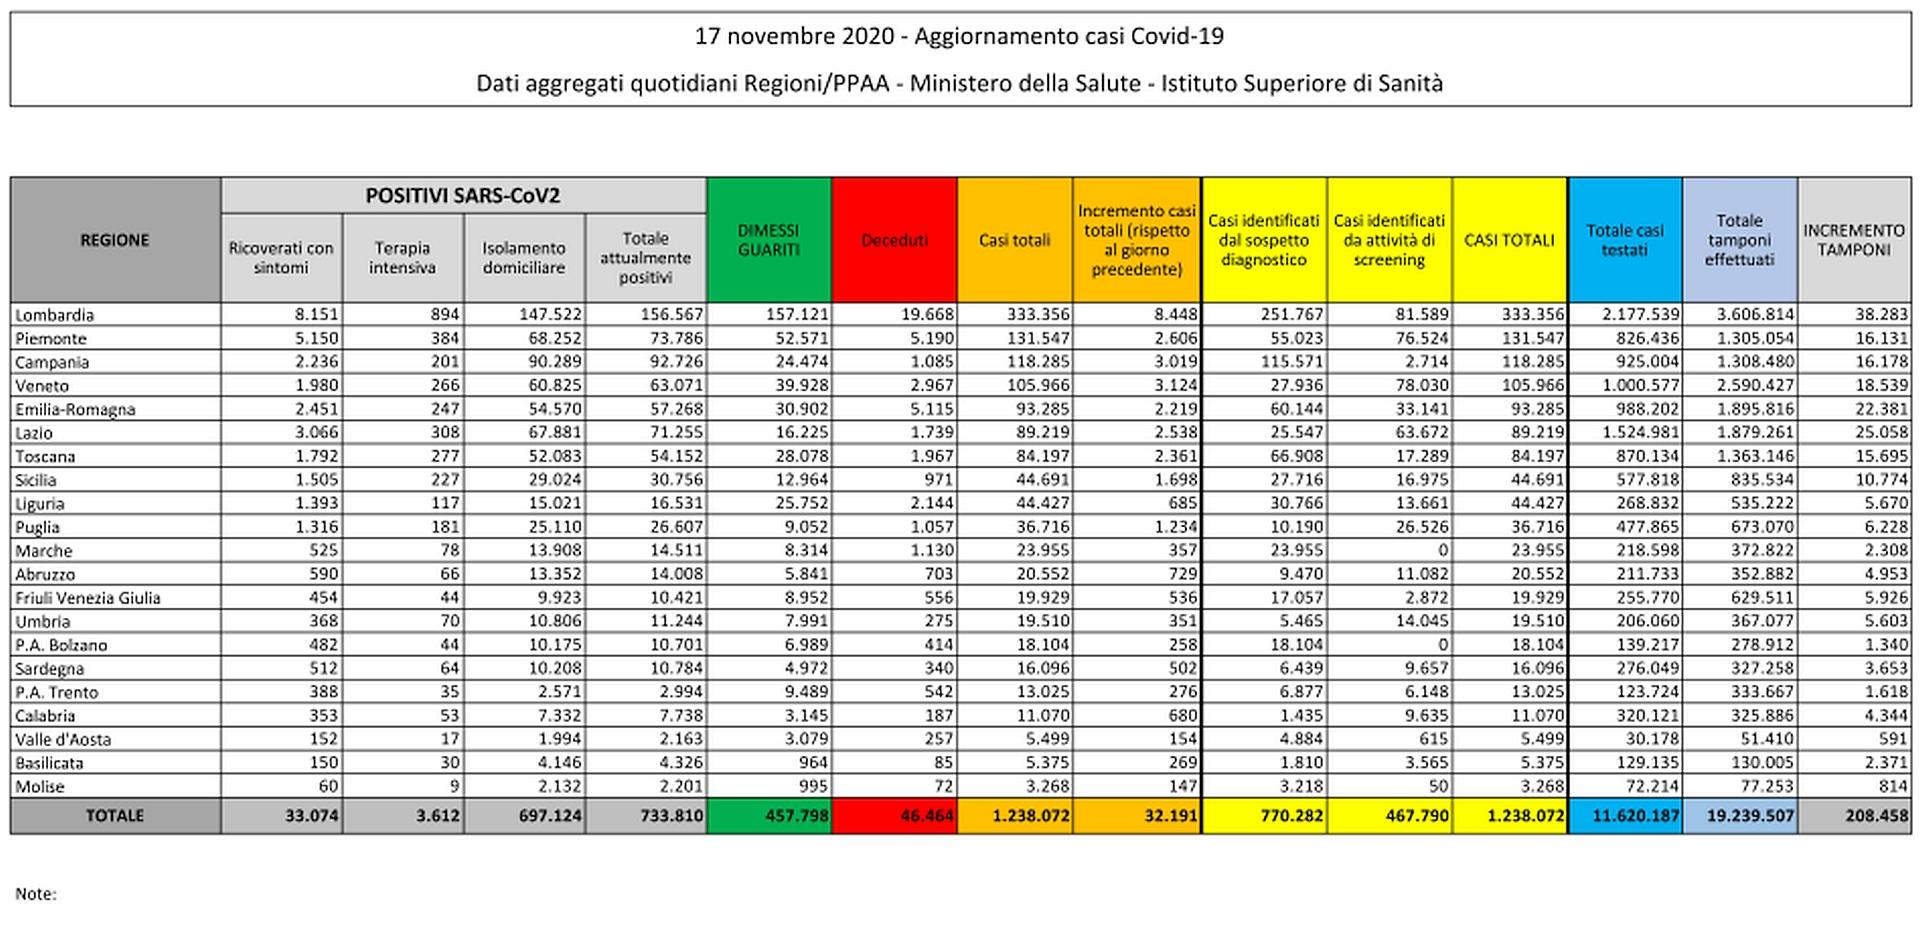 17 novembre 2020 - Aggiornamento casi Covid-19 Dati aggregati quotidiani Regioni/PPAA - Ministero della Salute - Istituto Superiore di Sanità